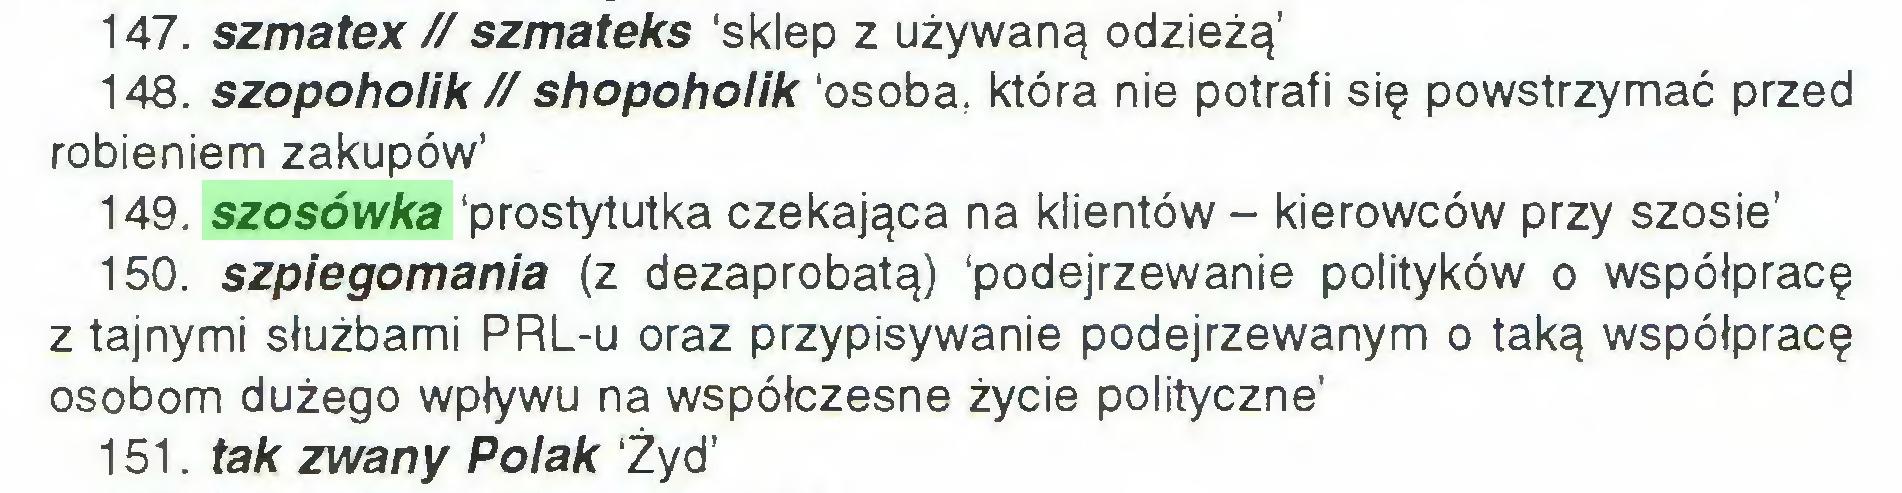 (...) 147. szmatex // szmateks 'sklep z używaną odzieżą' 148. szopoholik // shopohoiik 'osoba, która nie potrafi się powstrzymać przed robieniem zakupów' 149. szosówka 'prostytutka czekająca na klientów - kierowców przy szosie' 150. szpiegomania (z dezaprobatą) 'podejrzewanie polityków o współpracę z tajnymi służbami PRL-u oraz przypisywanie podejrzewanym o taką współpracę osobom dużego wpływu na współczesne życie polityczne' 151. tak zwany Polak Żyd'...